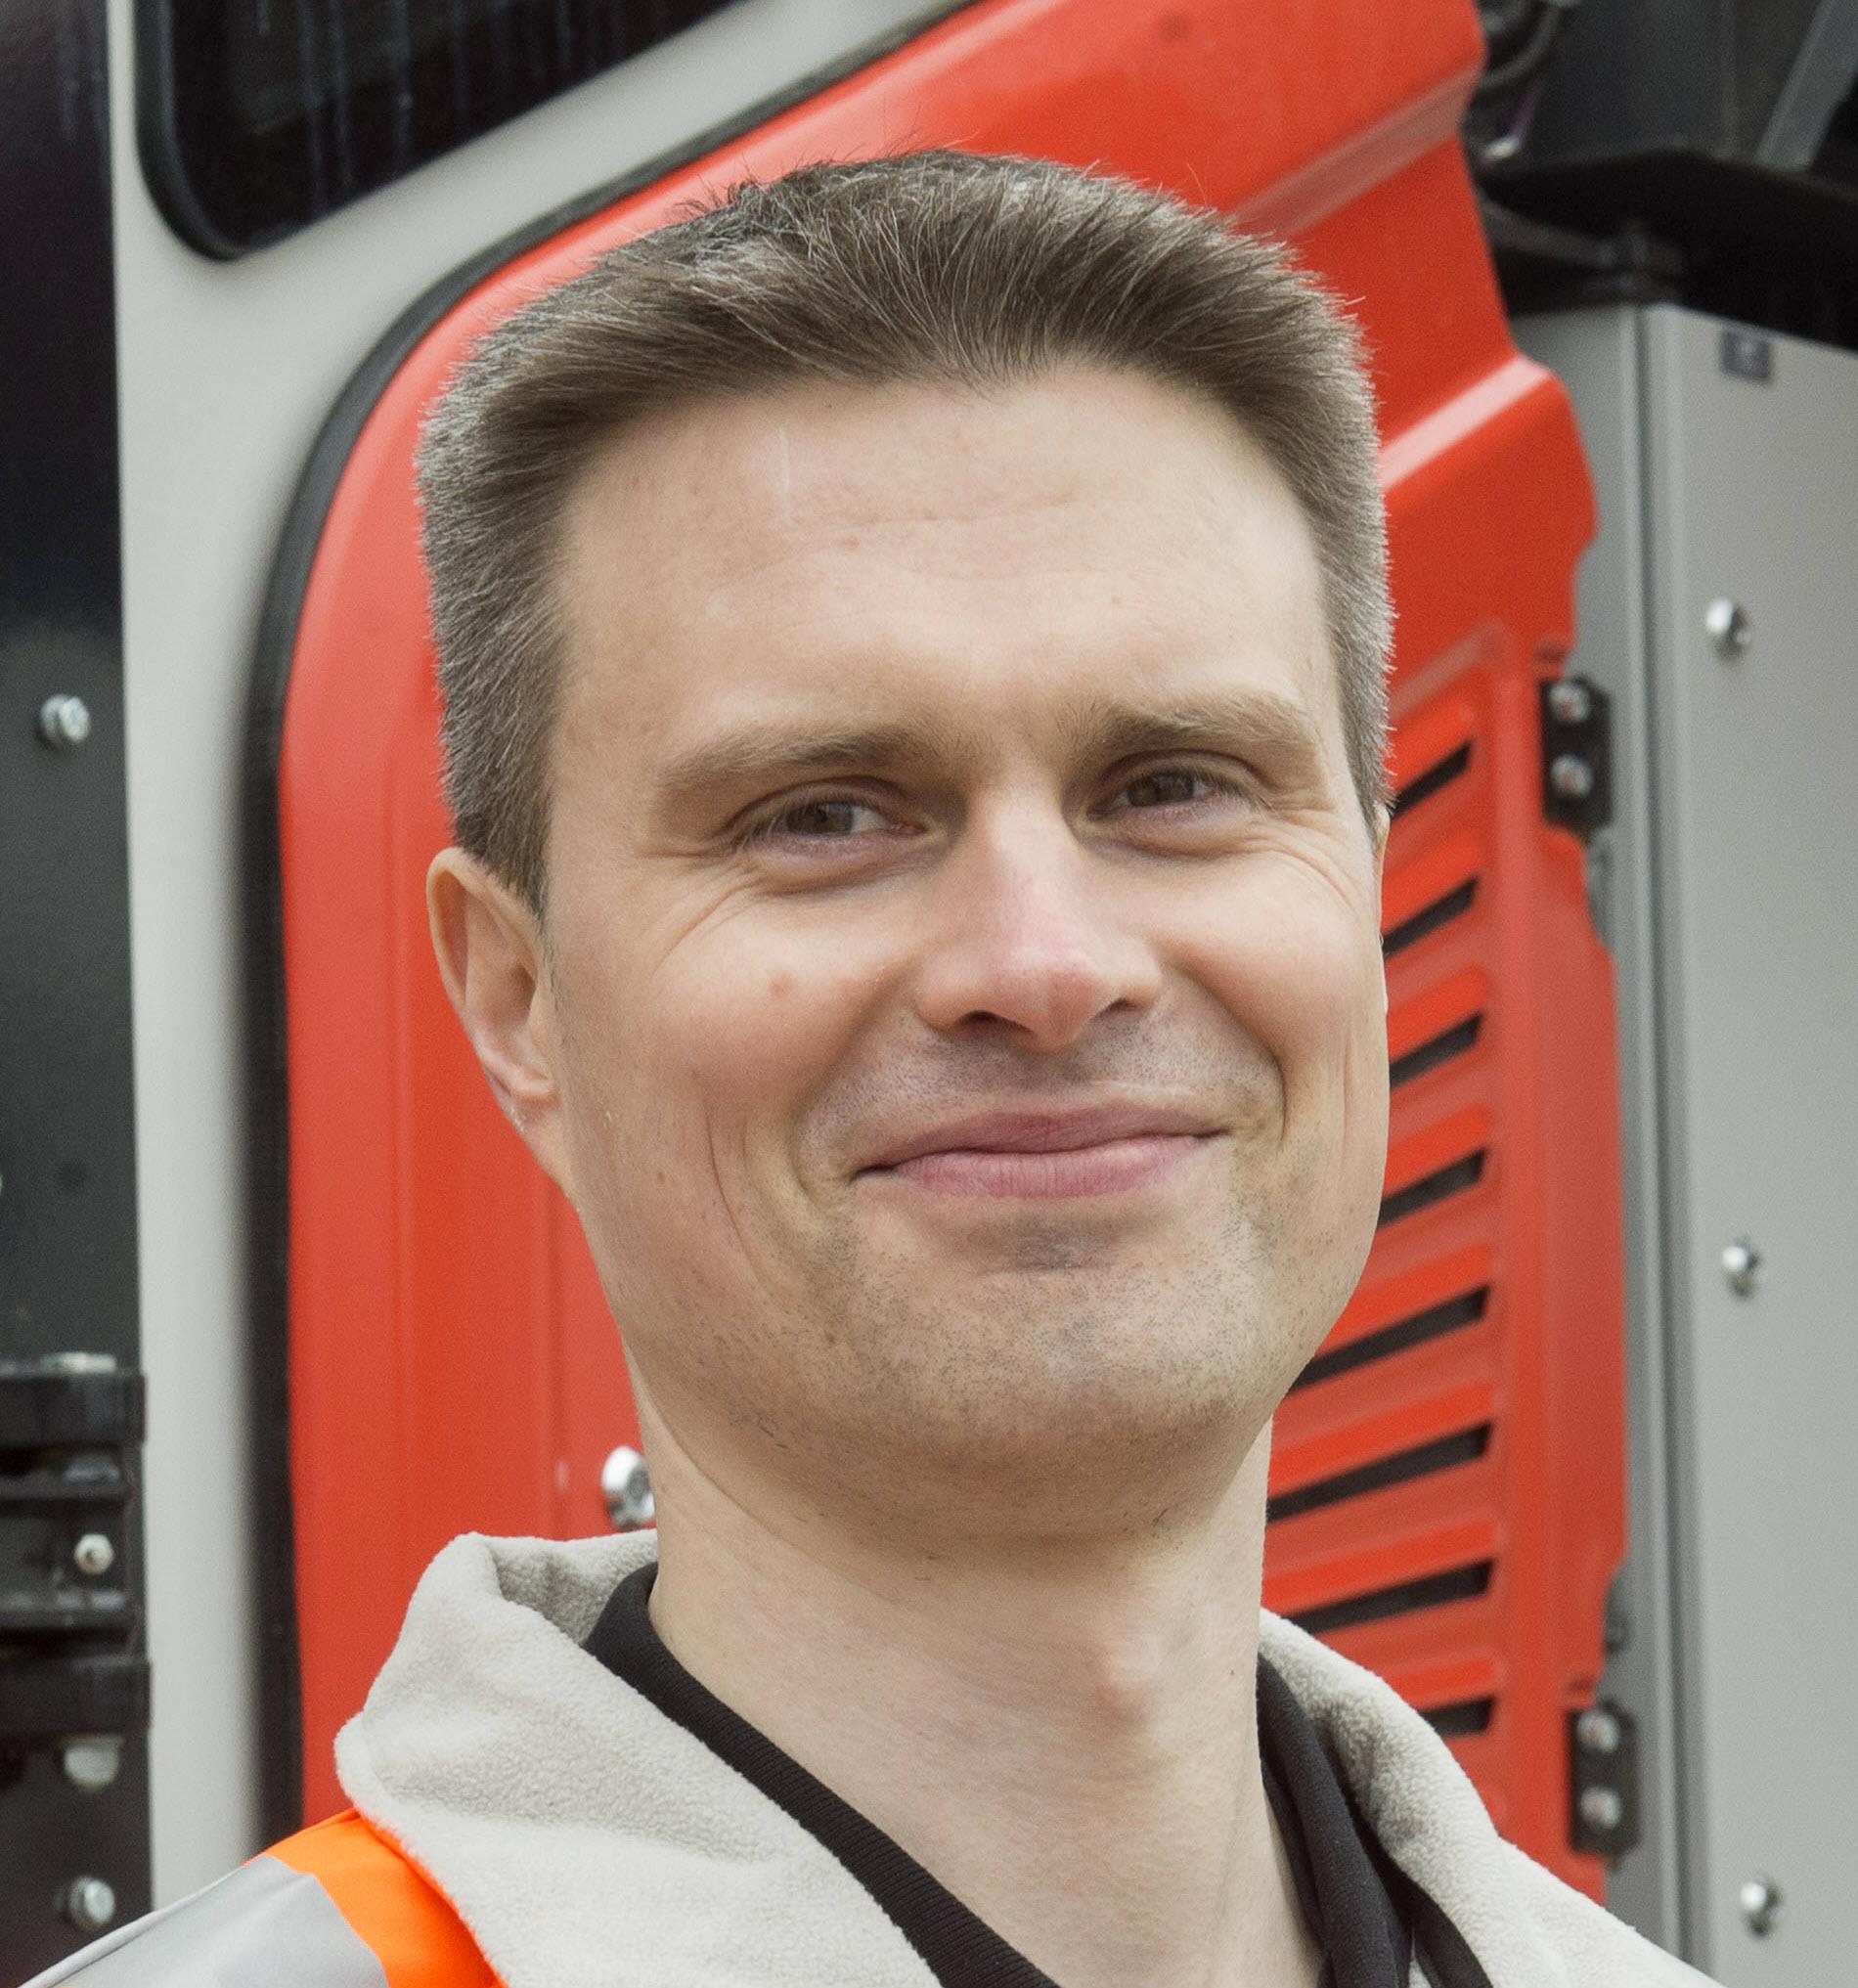 Photo: Ville Keinänen